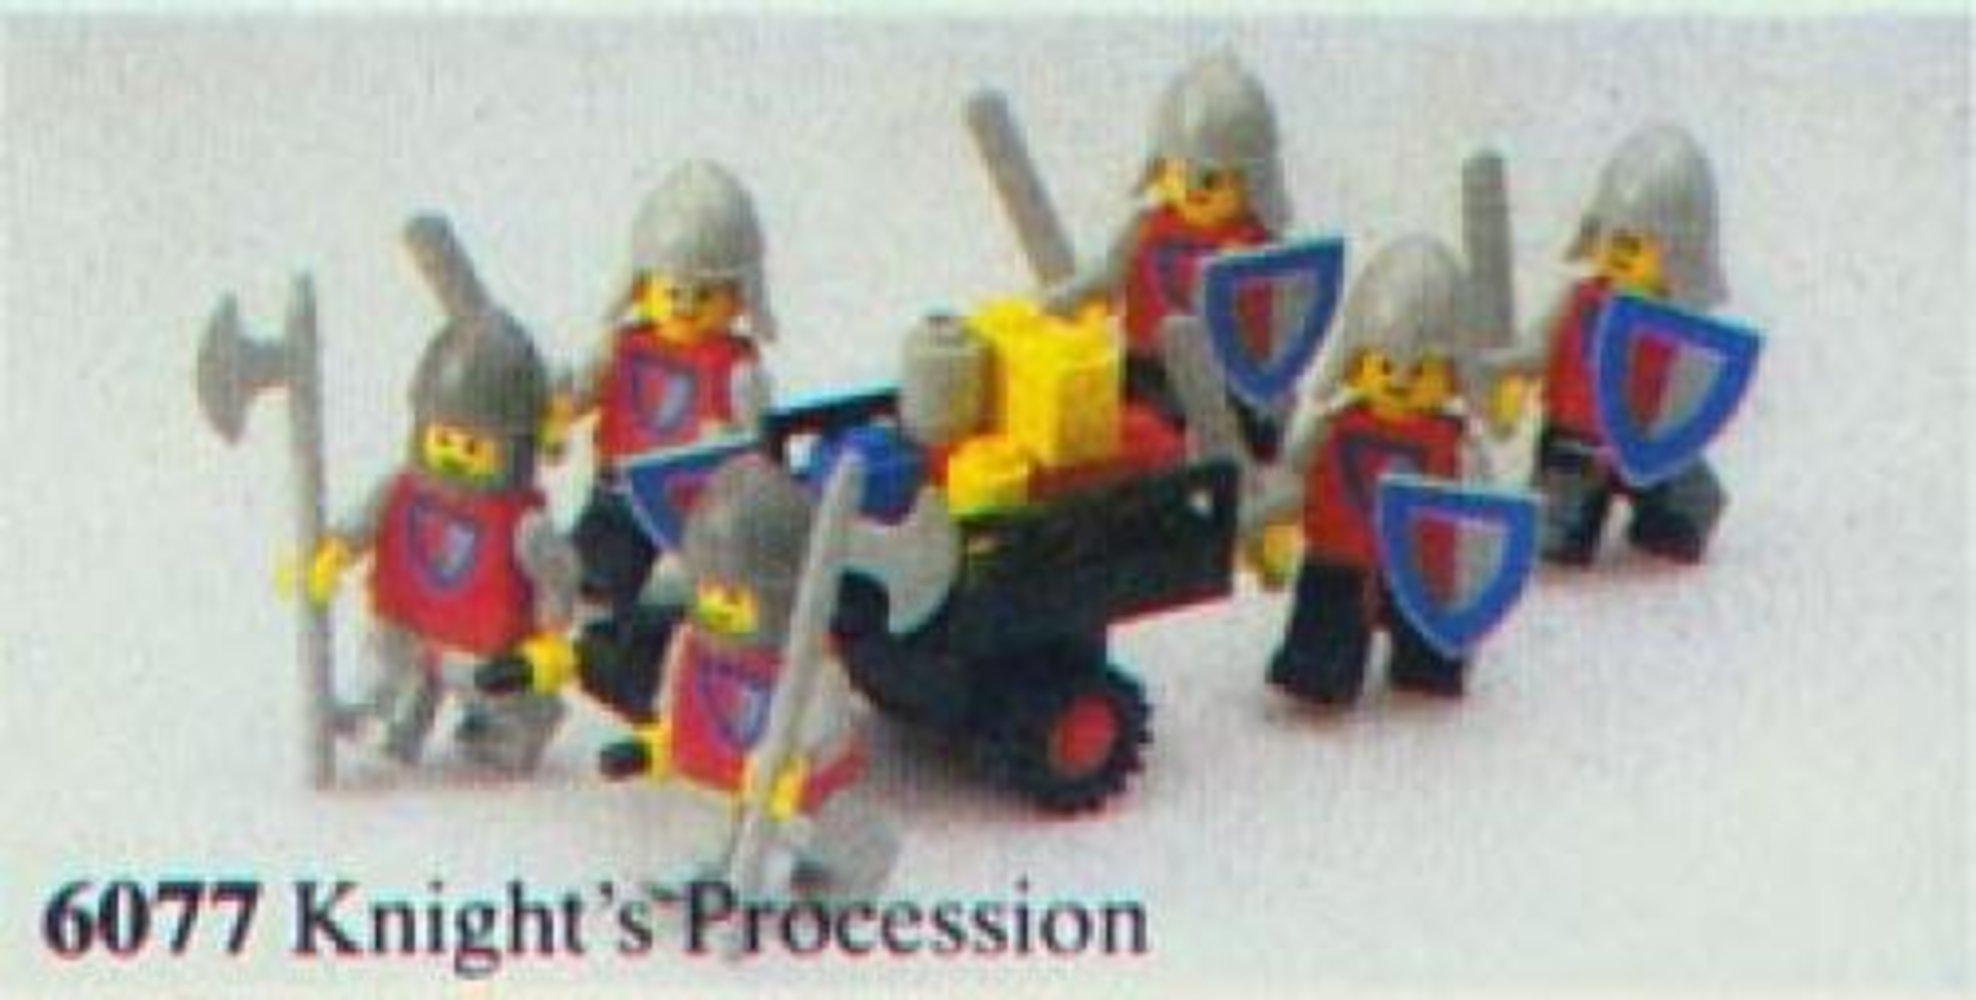 Knight's Procession